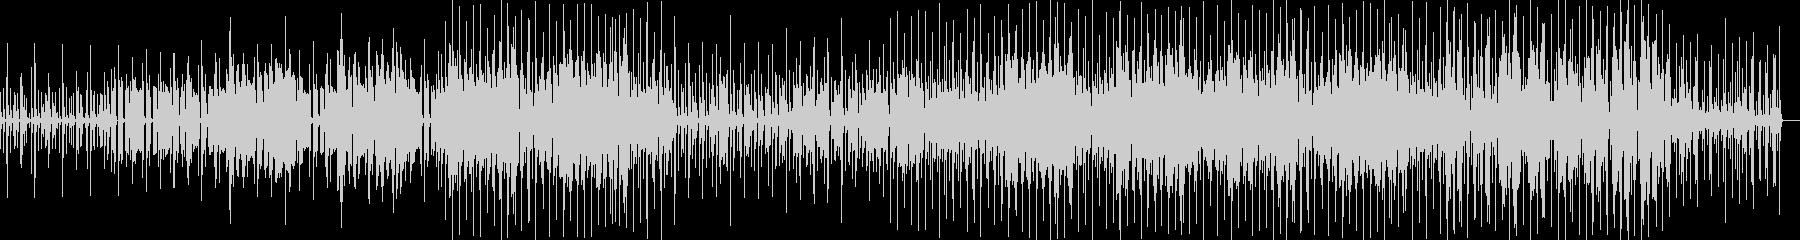 KANT洗練・飄々としたBGM20618の未再生の波形